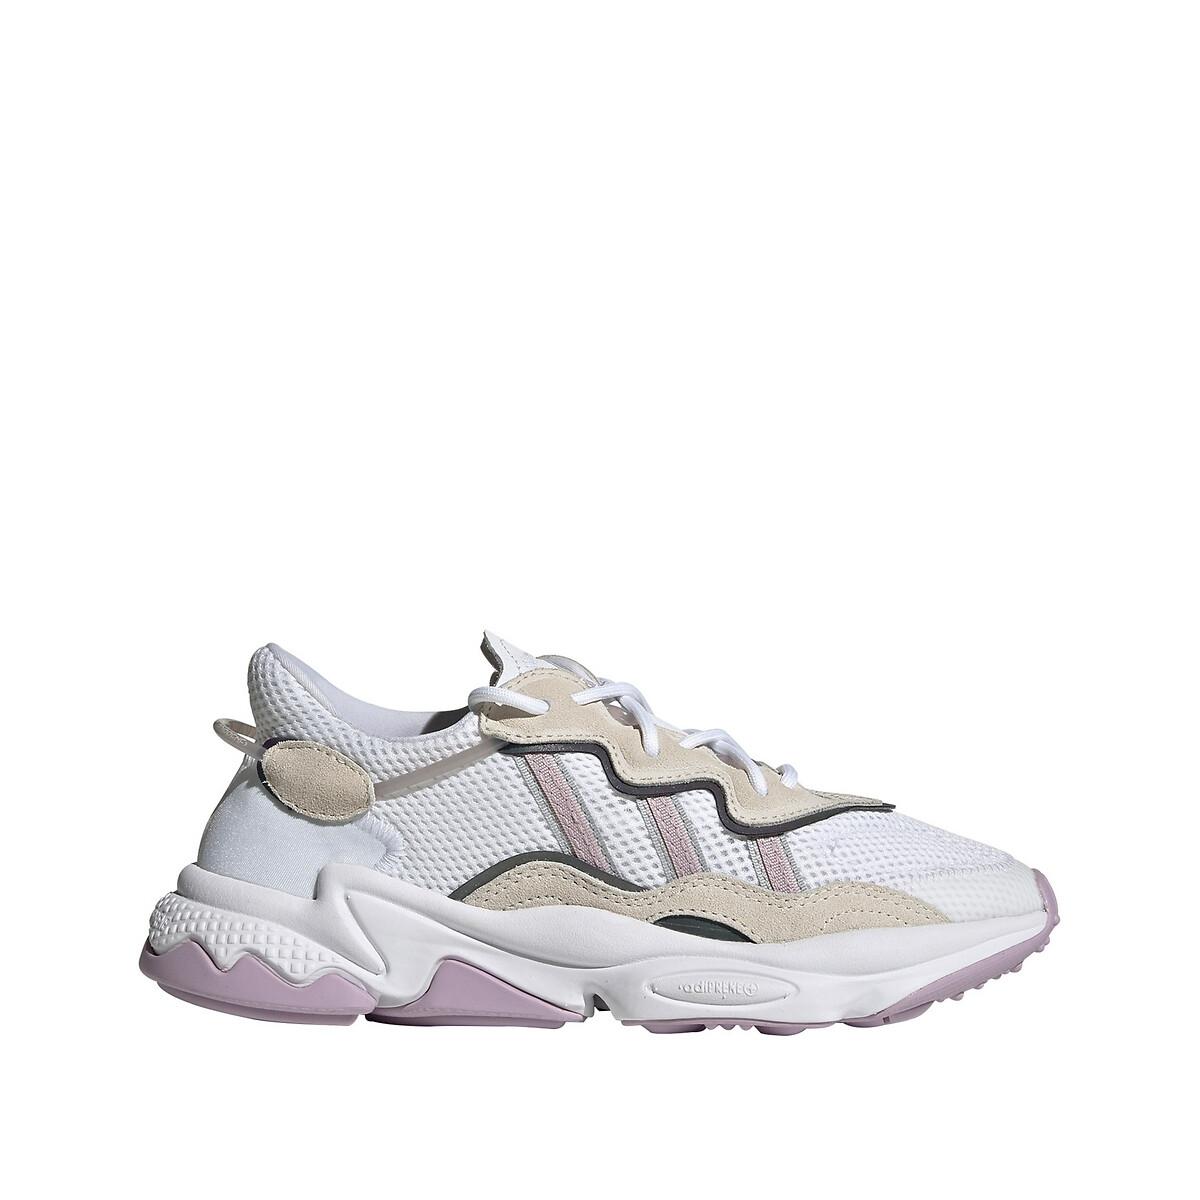 Adidas Originals Ozweego sneakers wit/lila online kopen